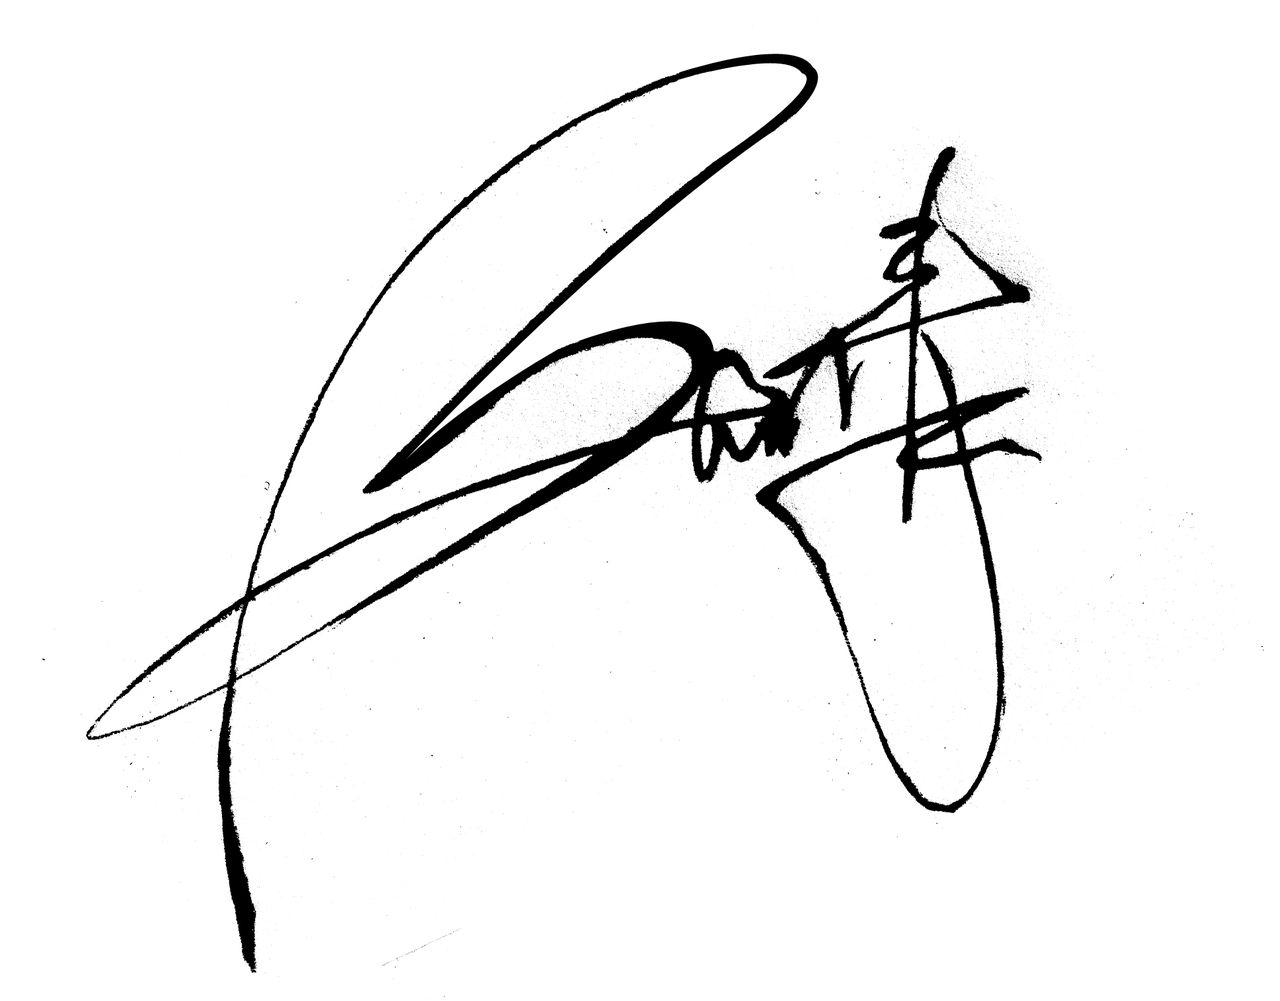 在线个性艺术签名设计免费版图片